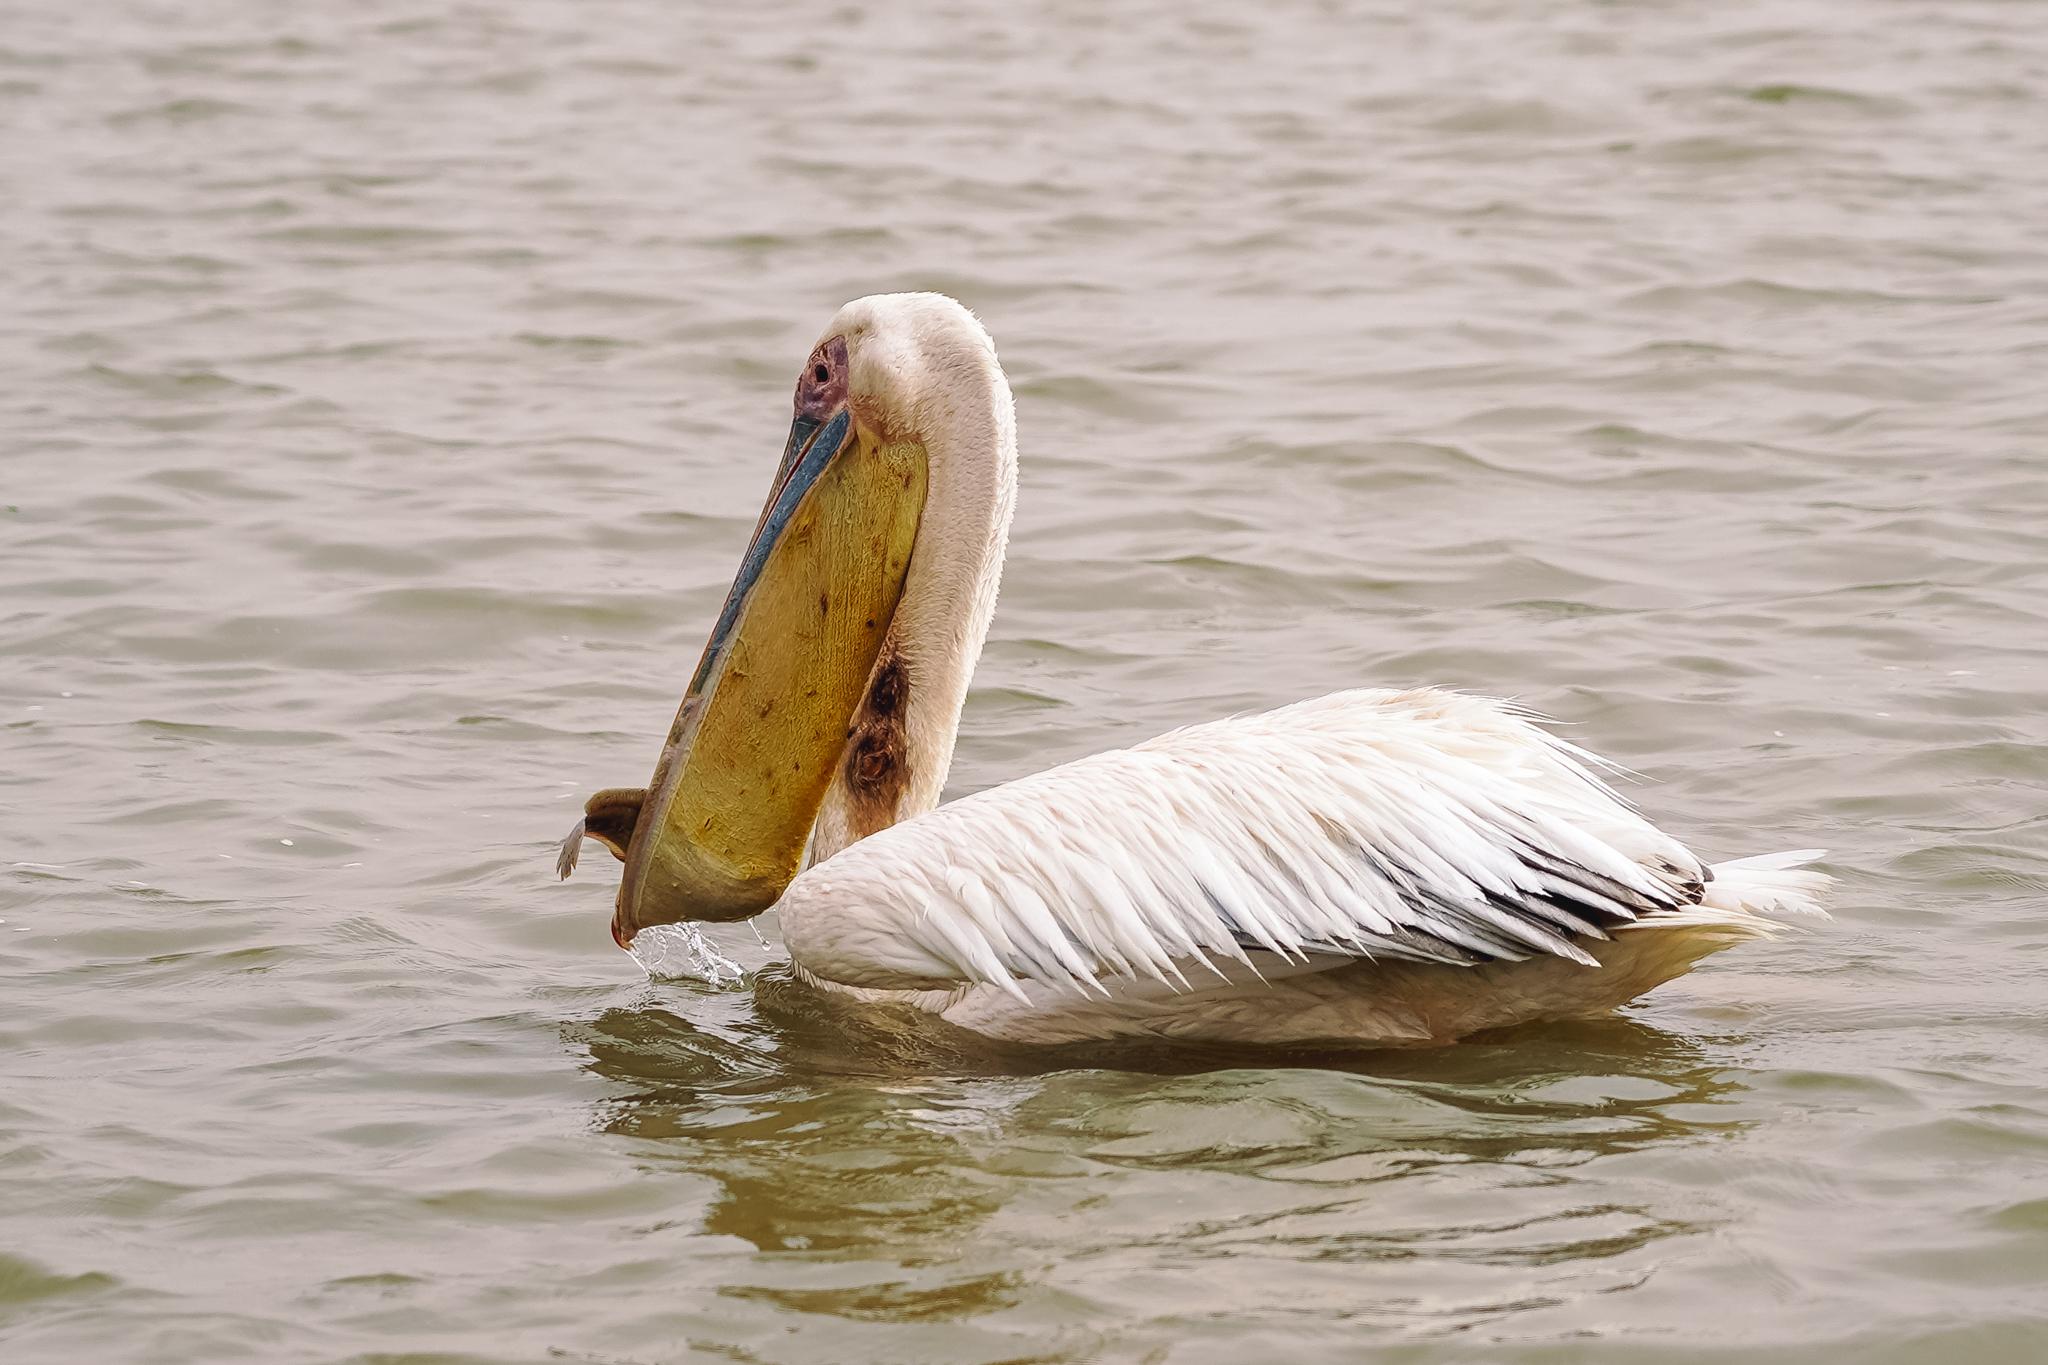 visiter-parc-djoudj-pelicans-saint-louis